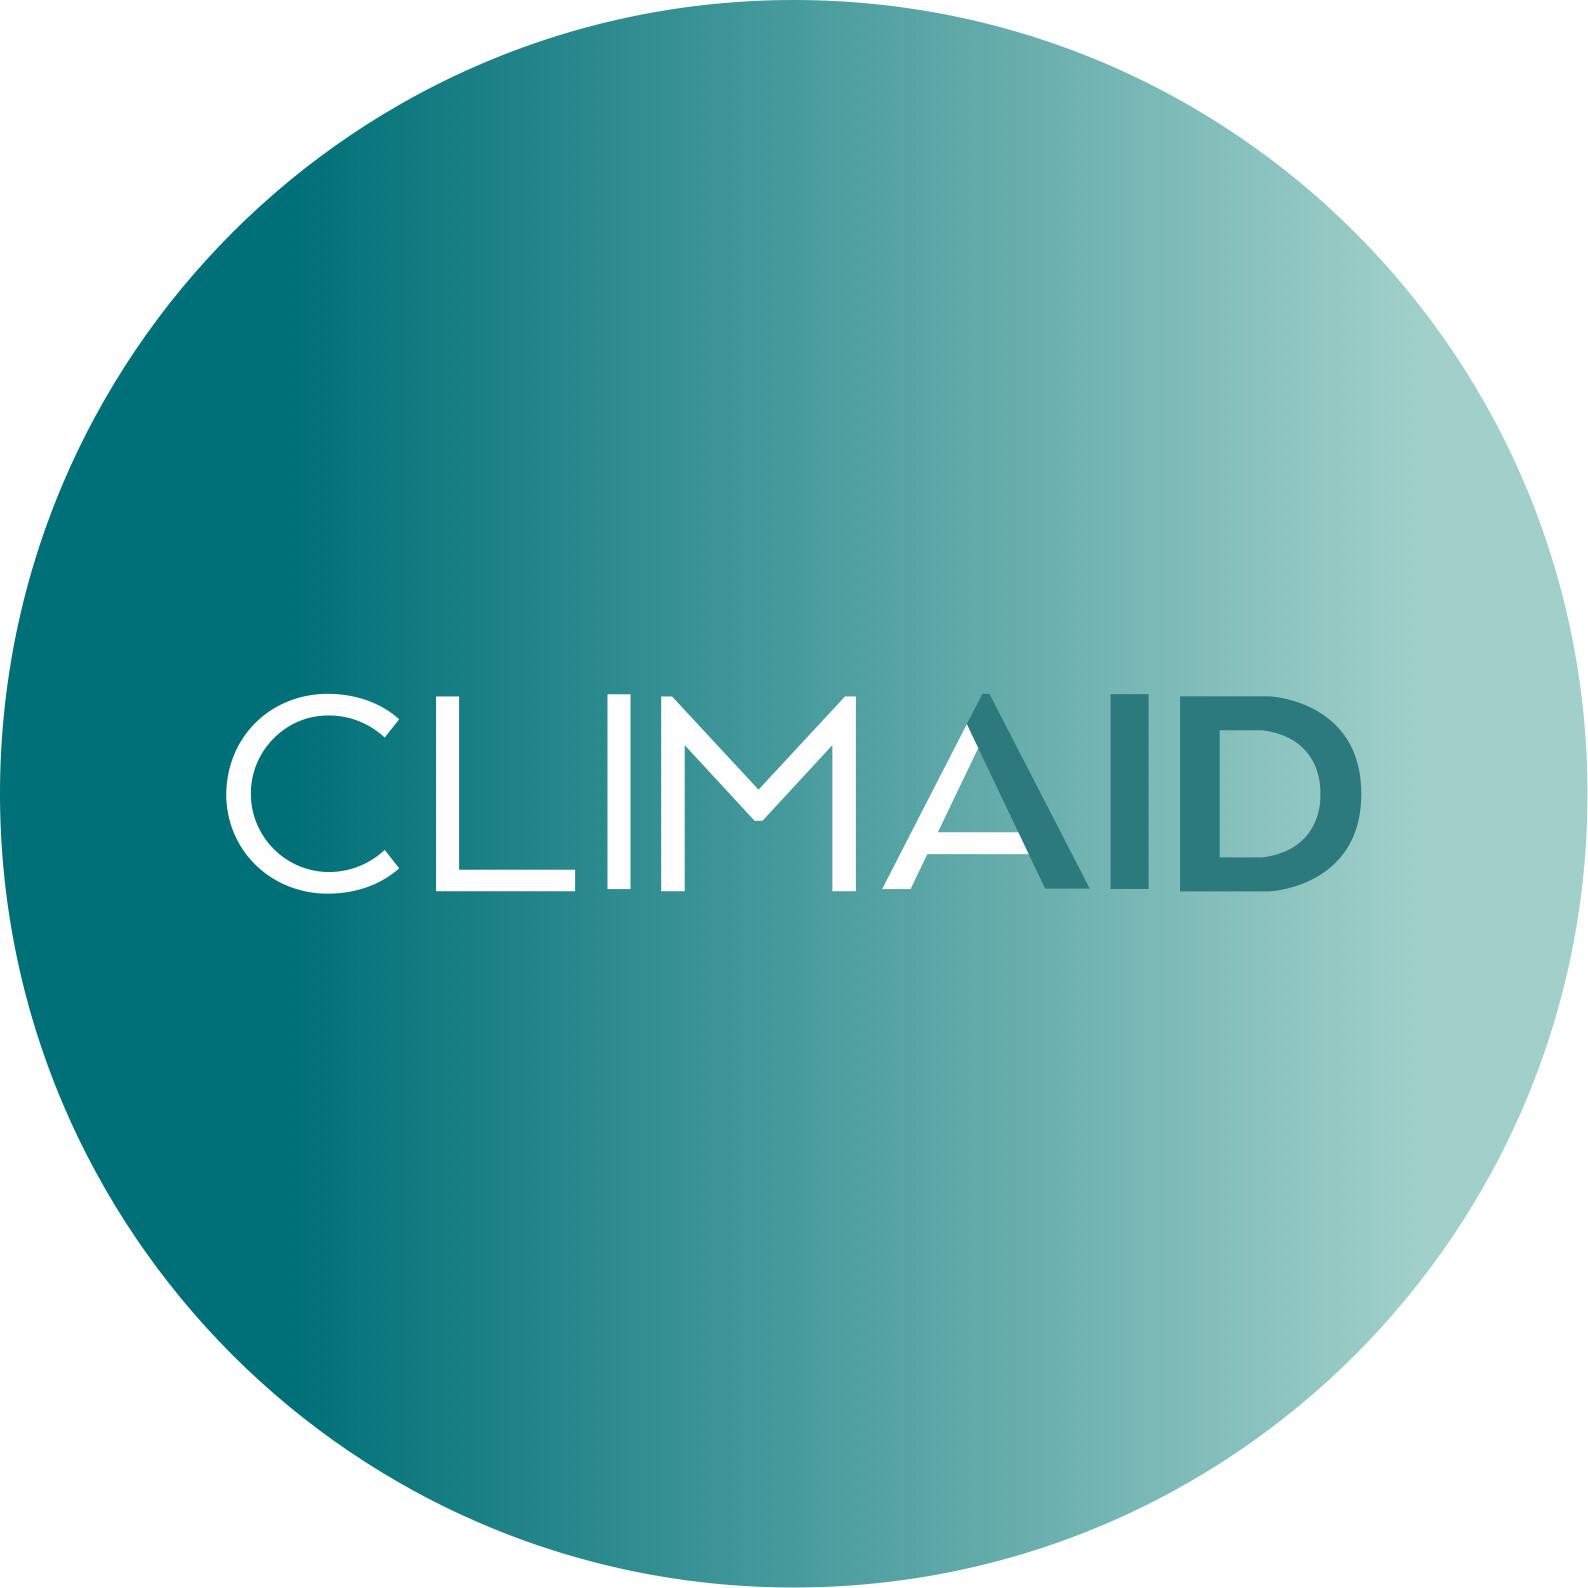 Climaid